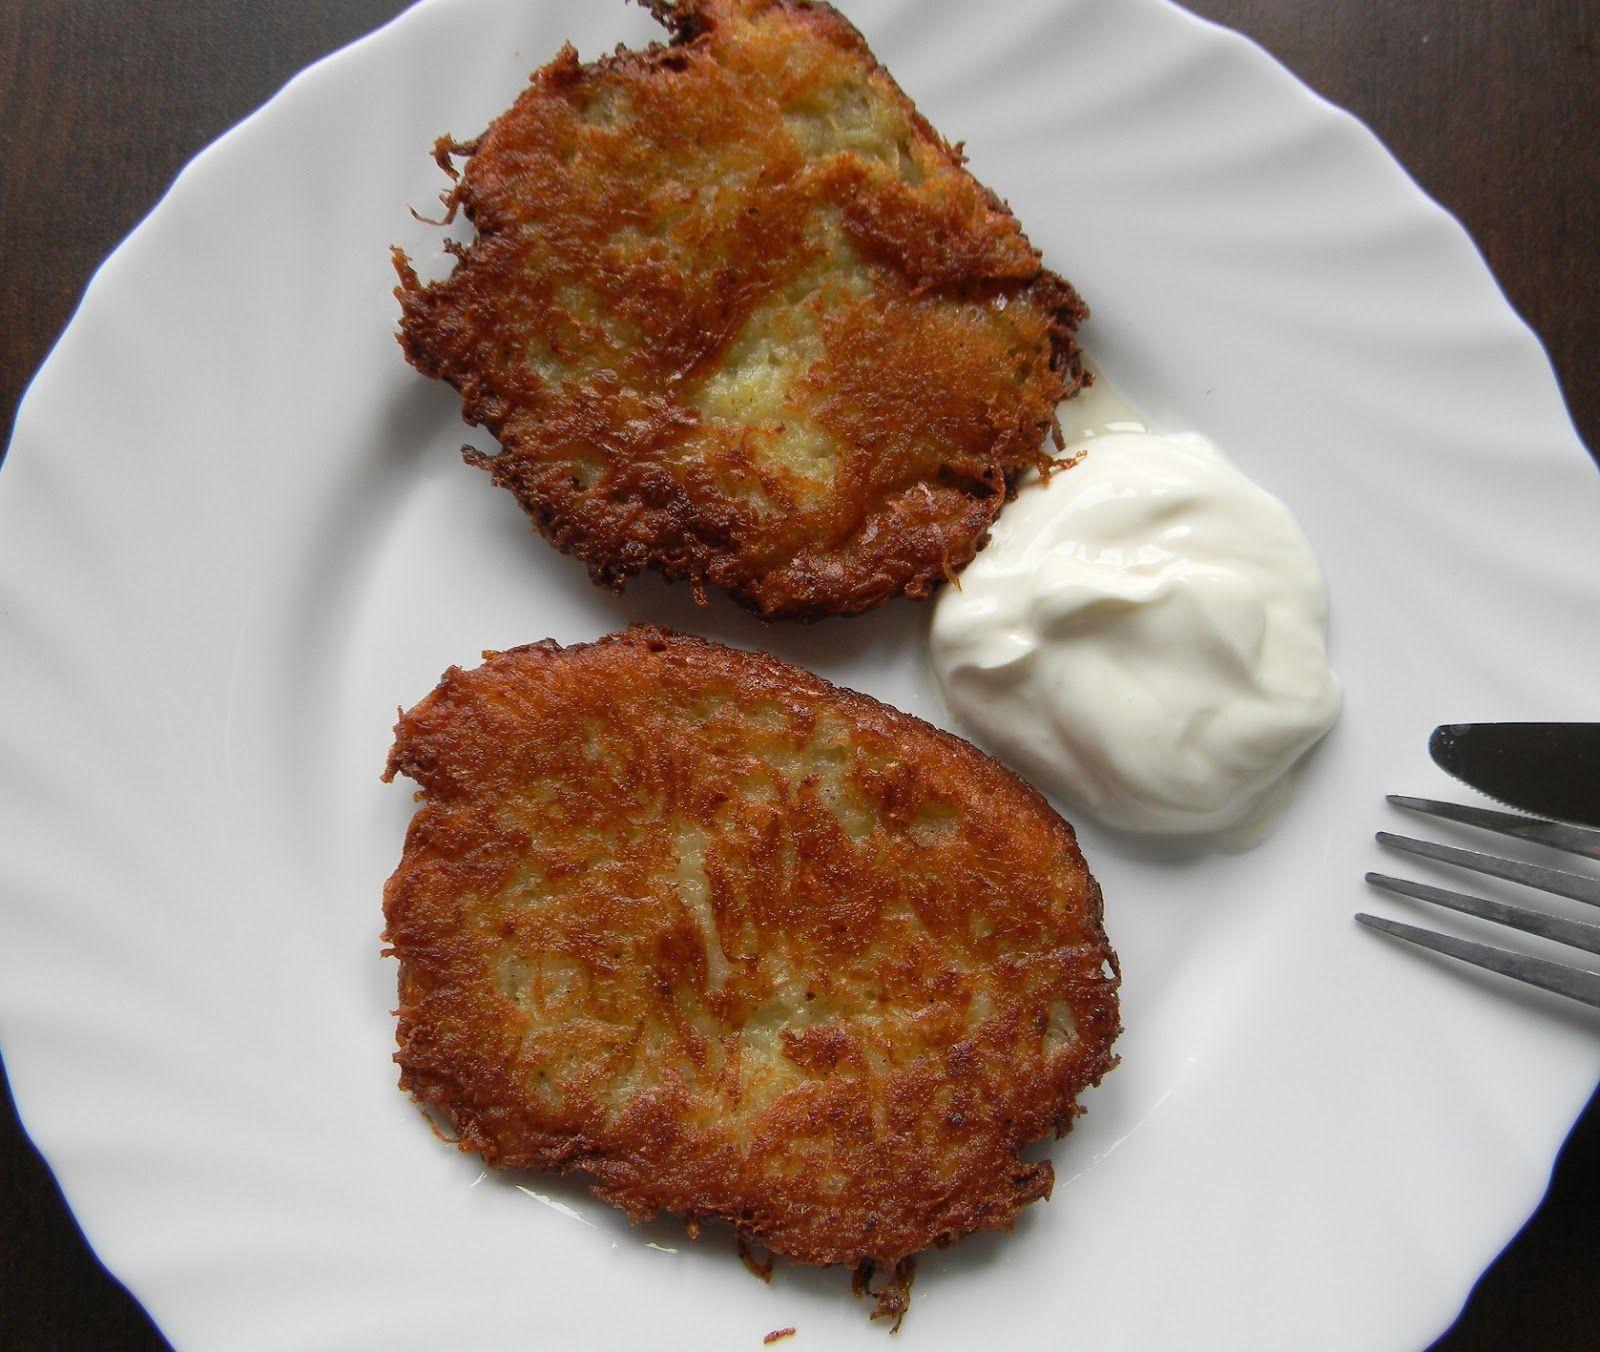 Kuchnia bez glutenu: Placki ziemniaczane (bezglutenowe)